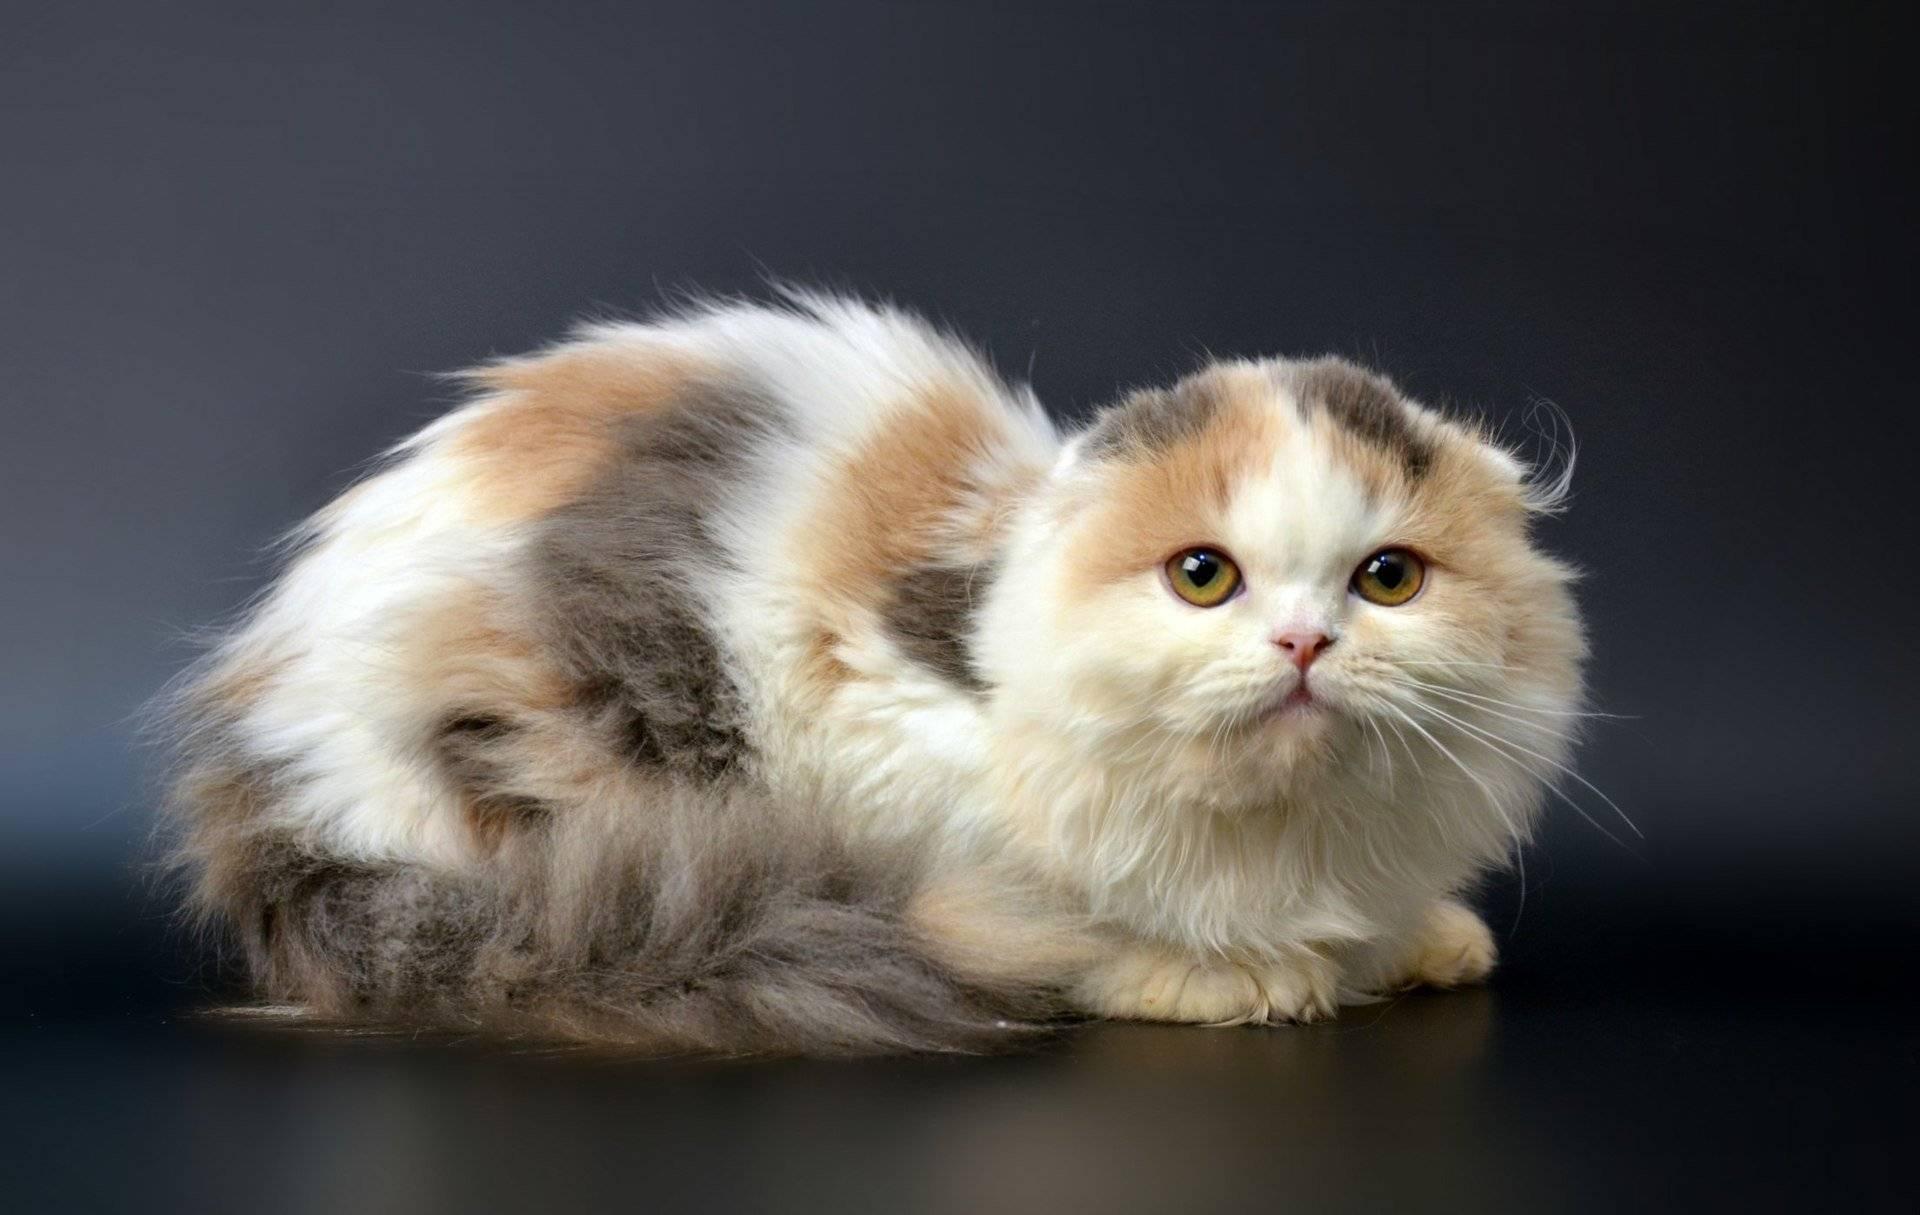 Хайленд фолд: описание породы кошек, характер, отзывы (с фото и видео)